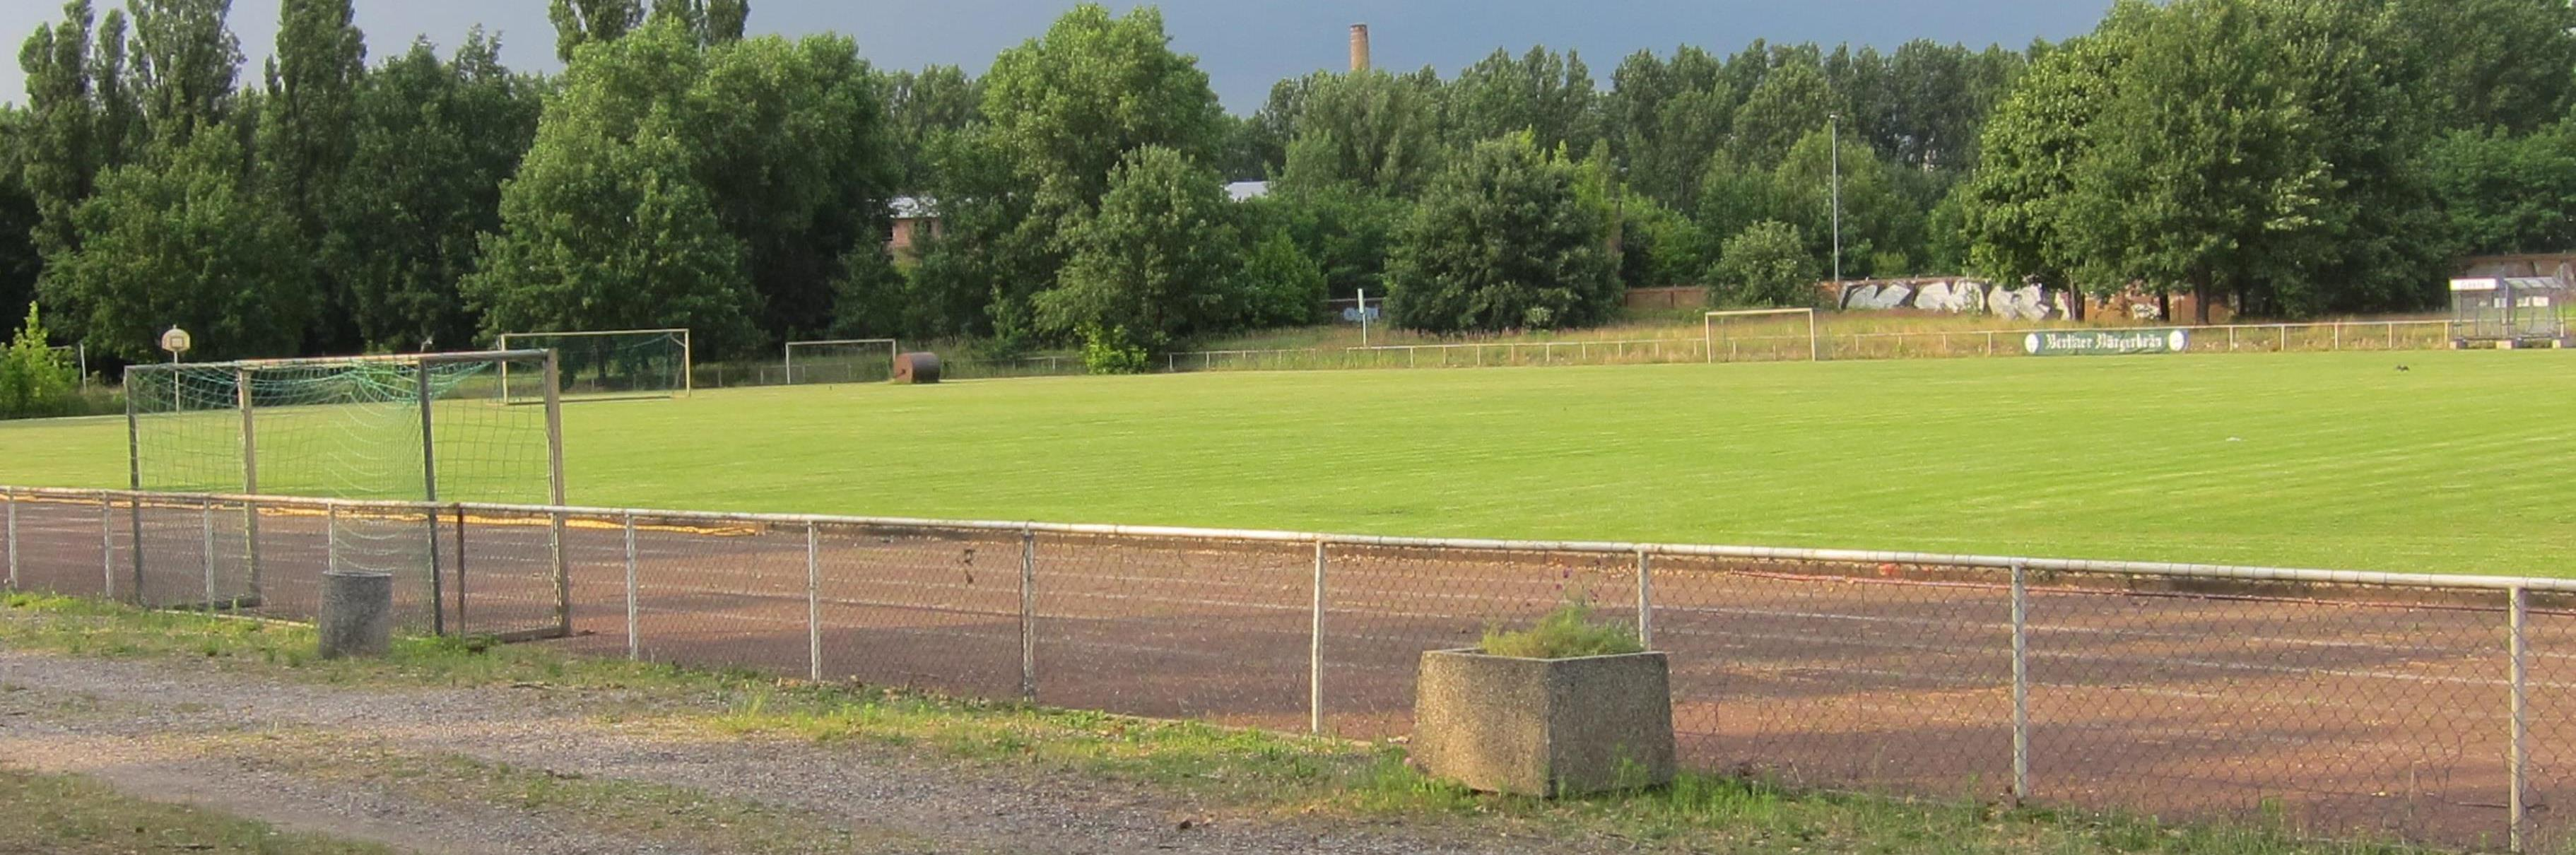 Unsere Fussballanlage